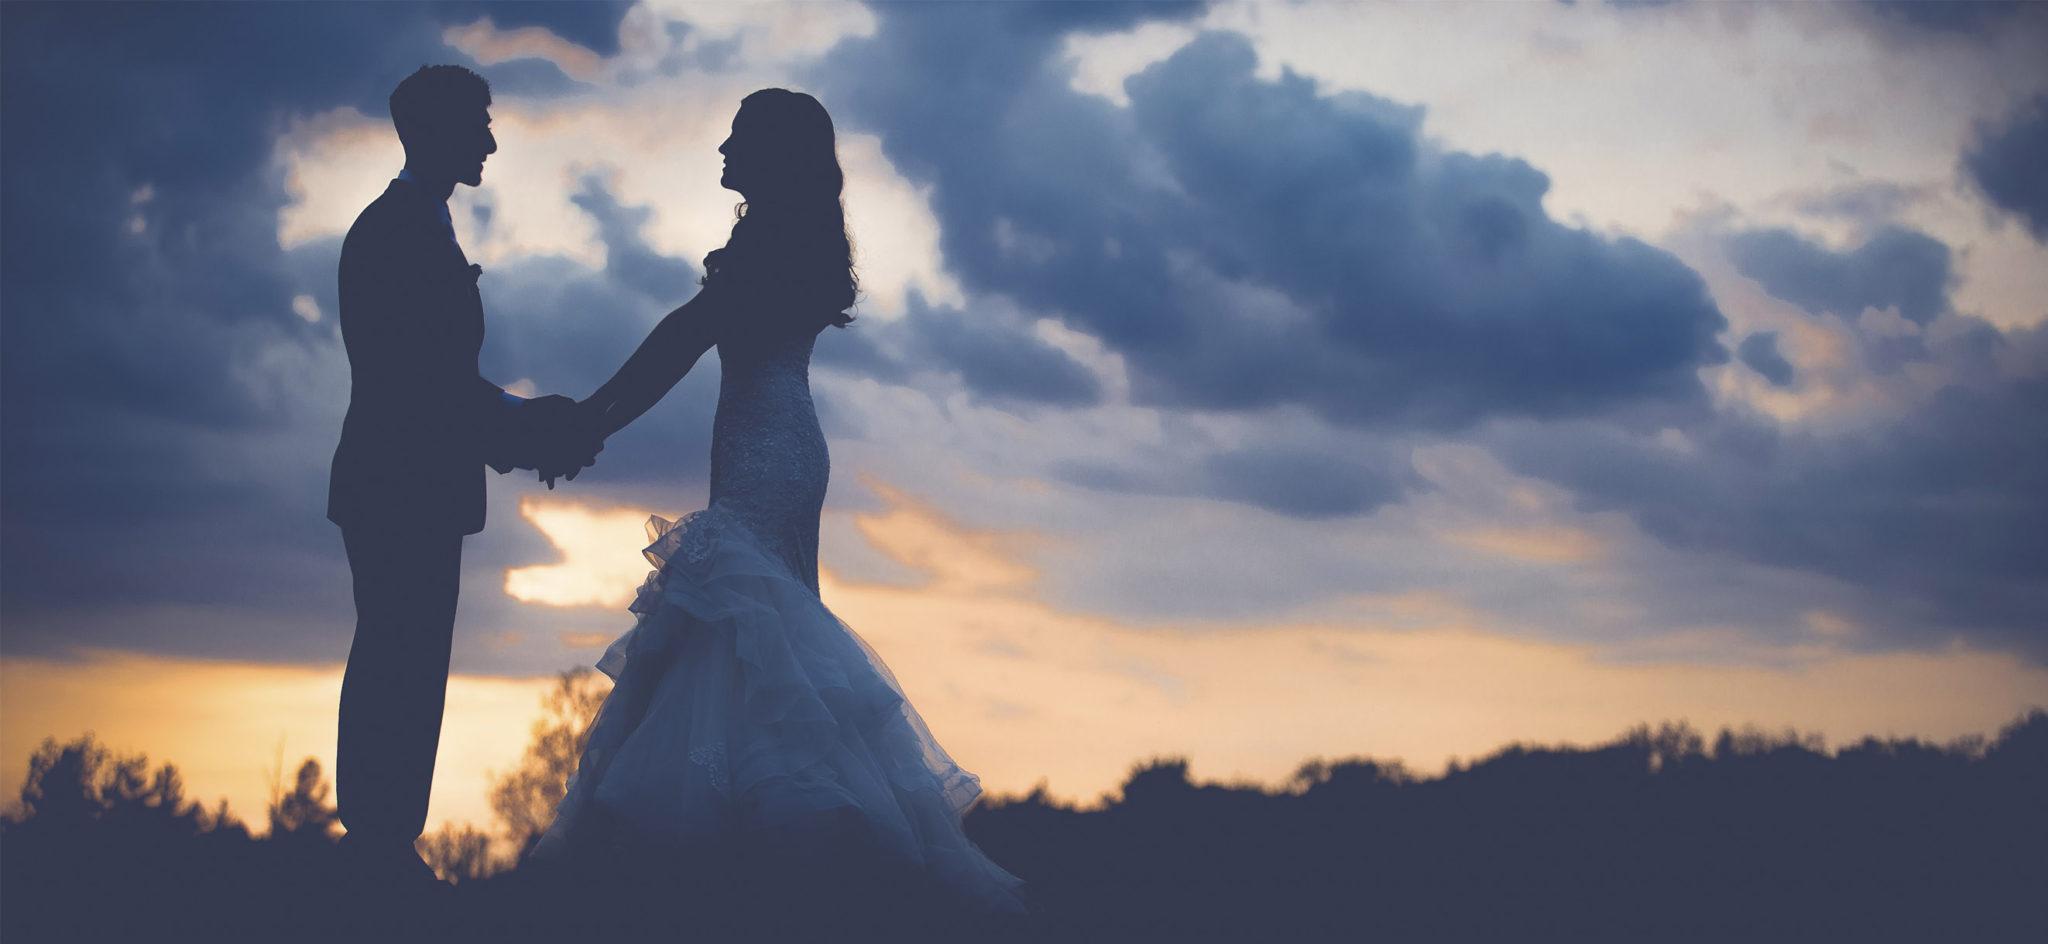 Как организовать выездную свадебную церемонию?